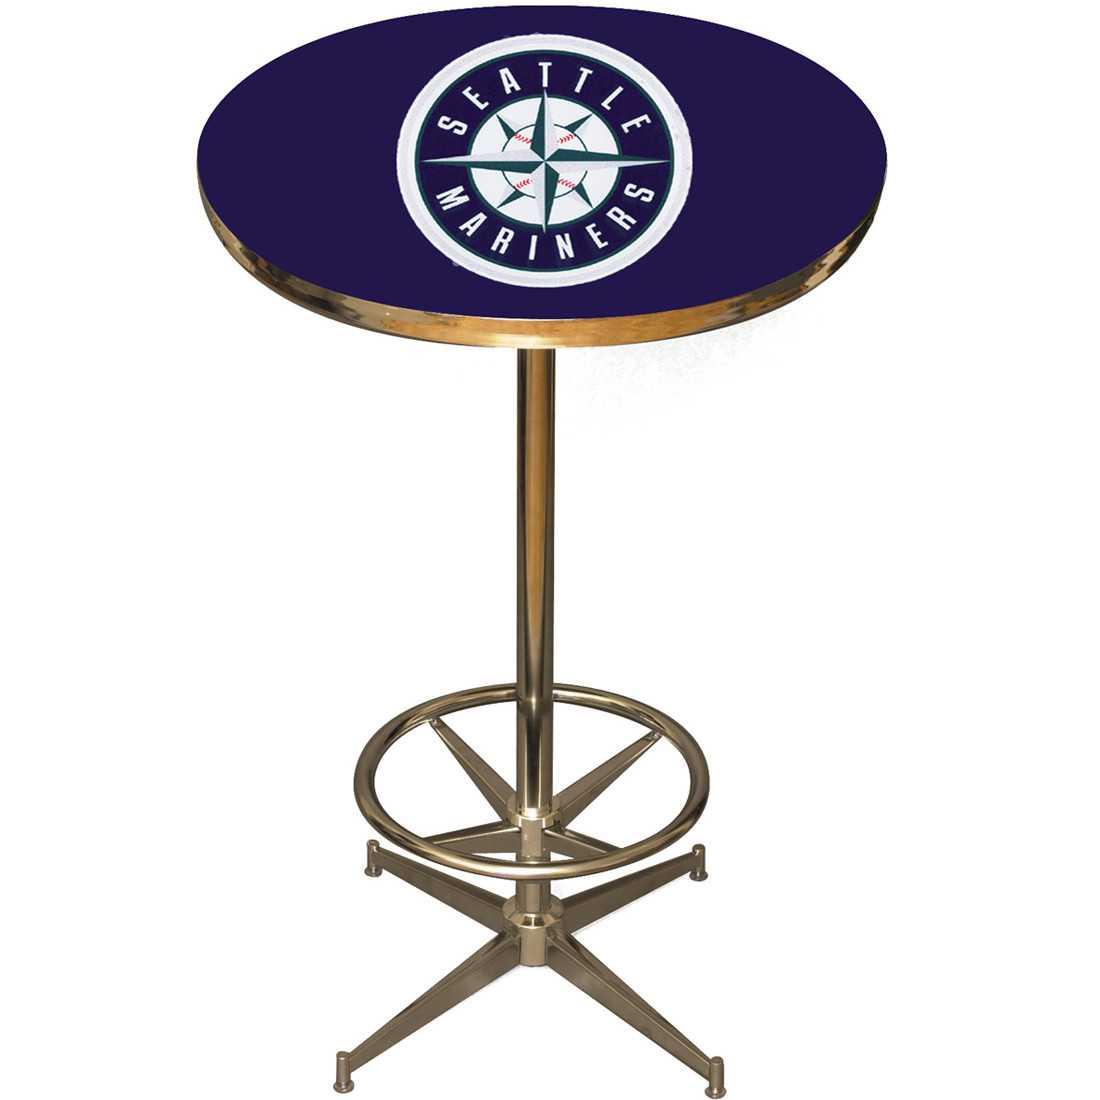 SEATTLE MARINERS PUB TABLE